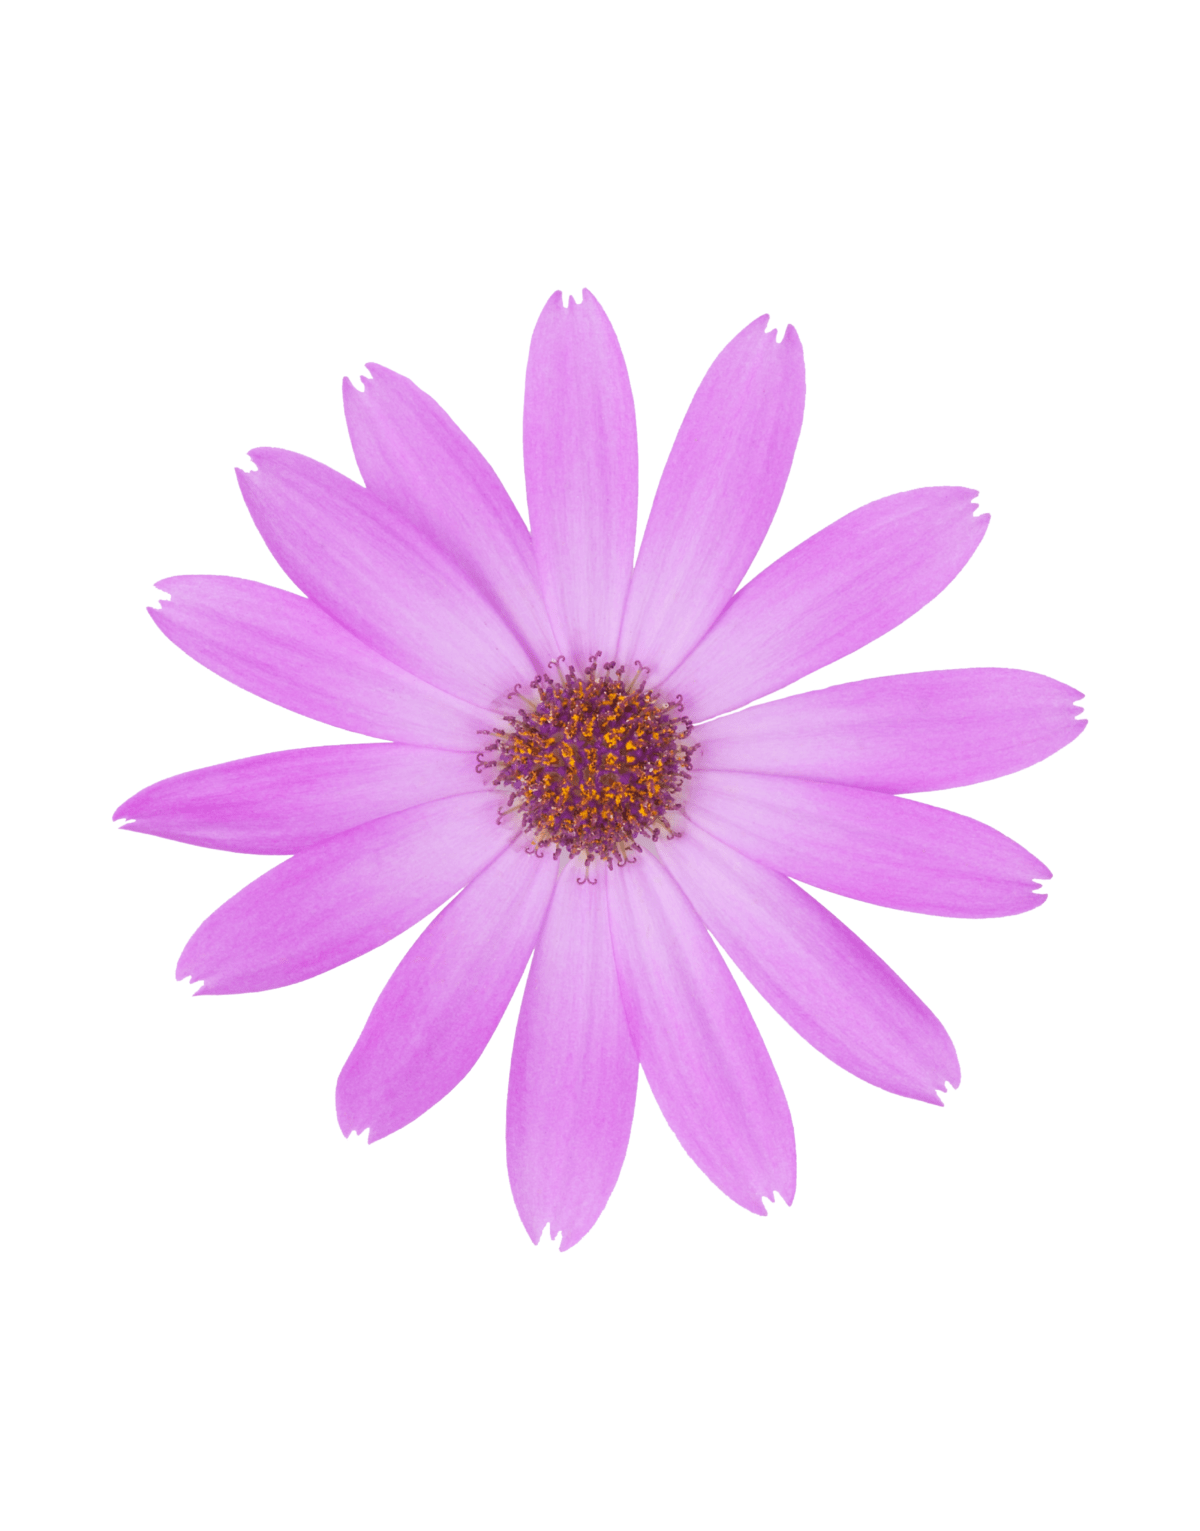 Senetti   Pericallis (Senecio)   Spring Garden Colours